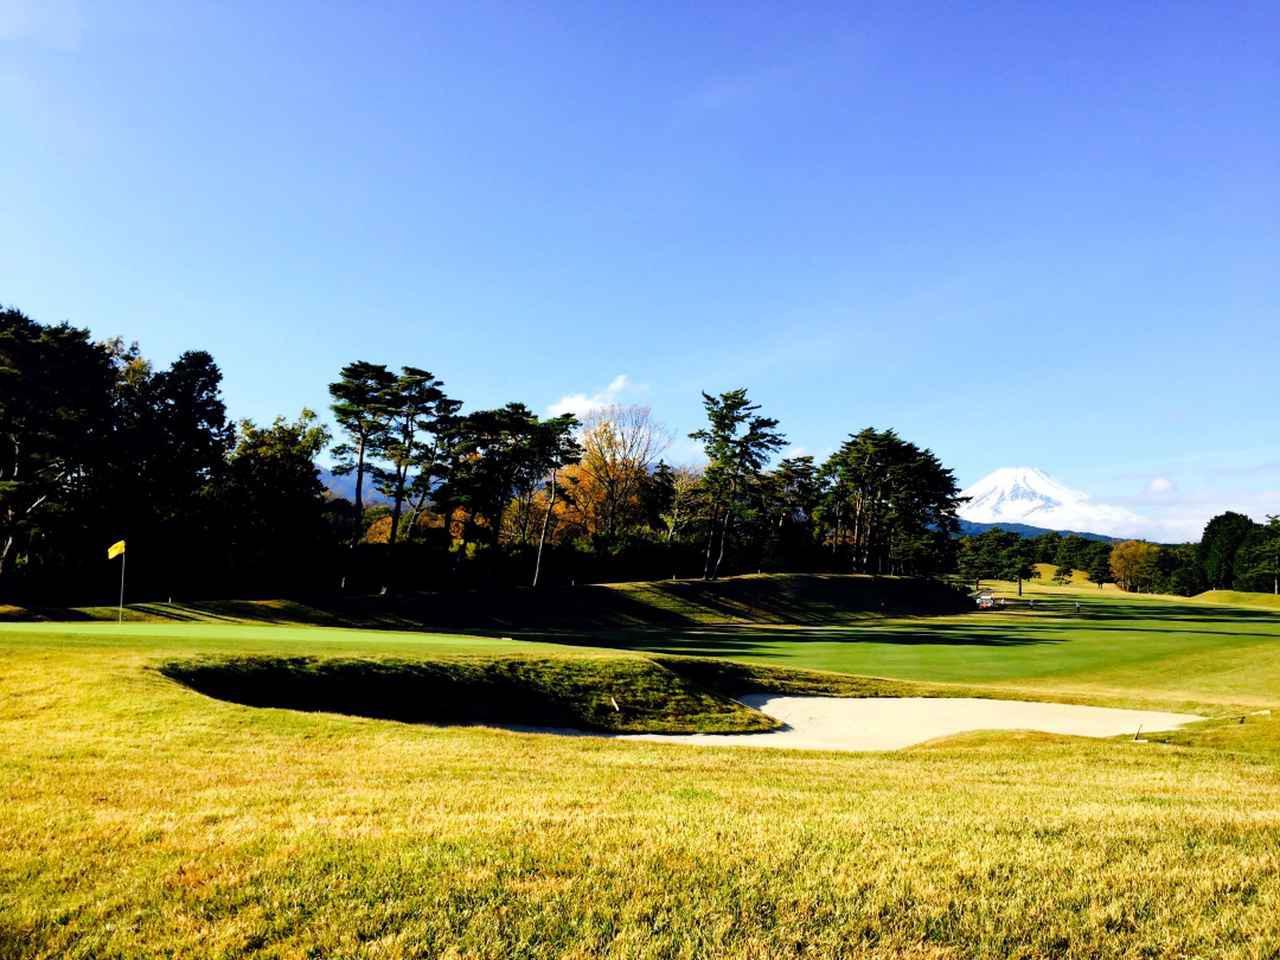 画像2: 桃園コース5番(395Y・P4)右ドッグレッグ、富士山が美しいホール